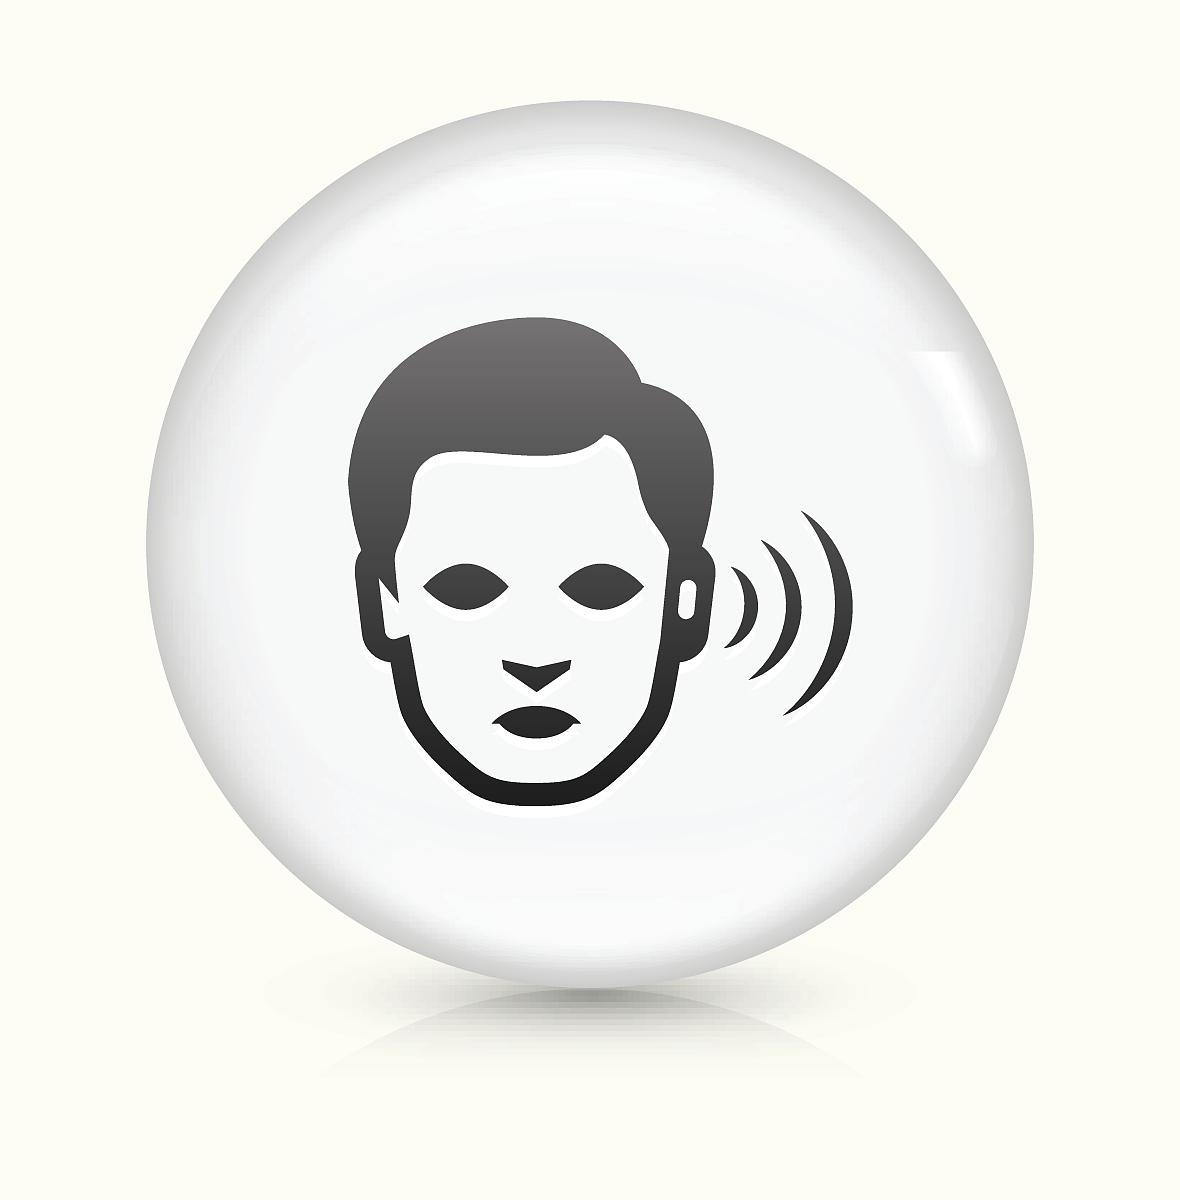 听���!�`iyn��+��n���'���_听力损失图标的白色圆形矢量按钮